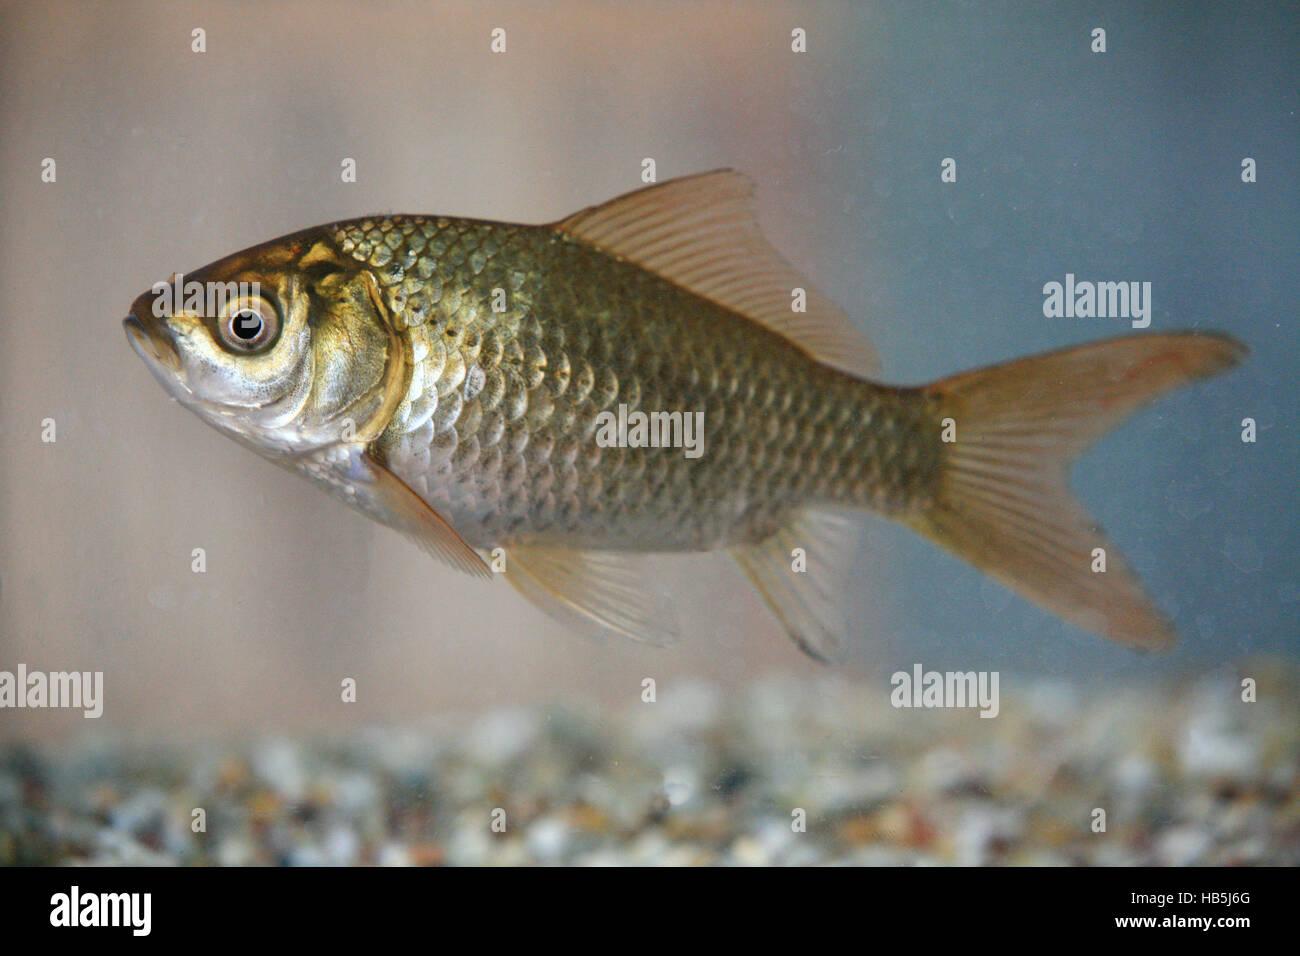 Goldfish, carassius auratus Stock Photo